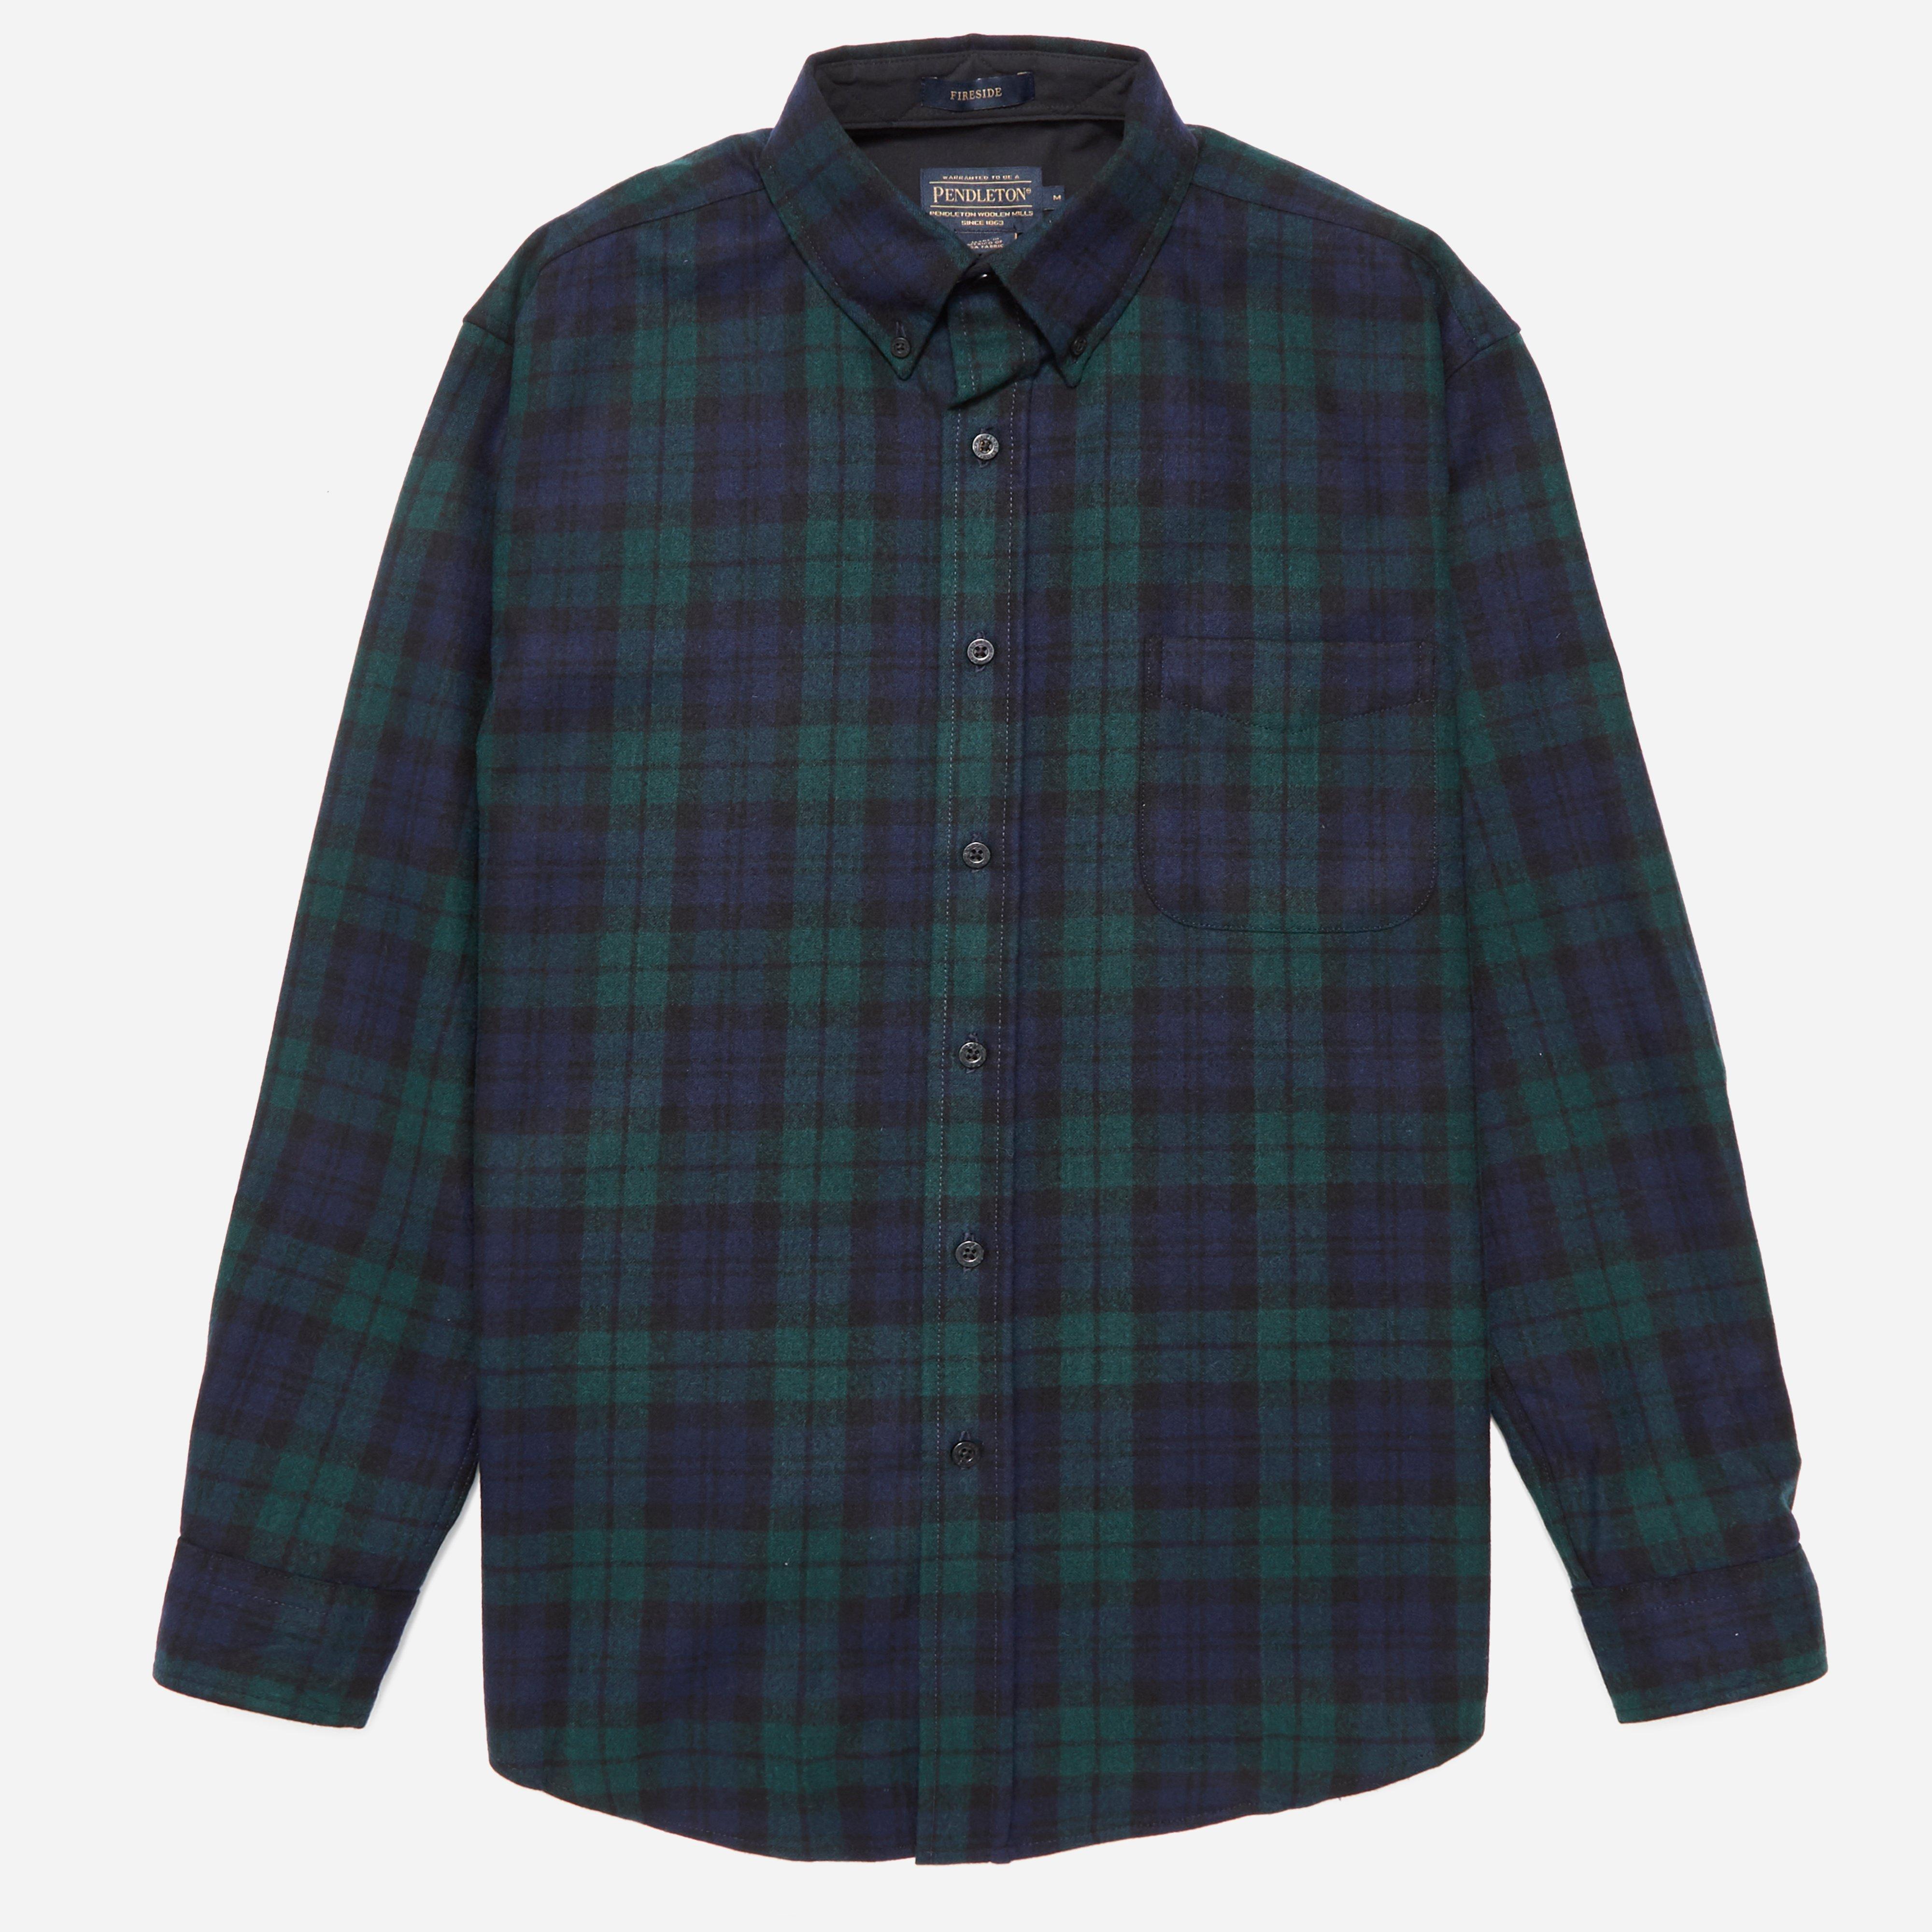 Pendleton Woolen Mills Fireside Shirt